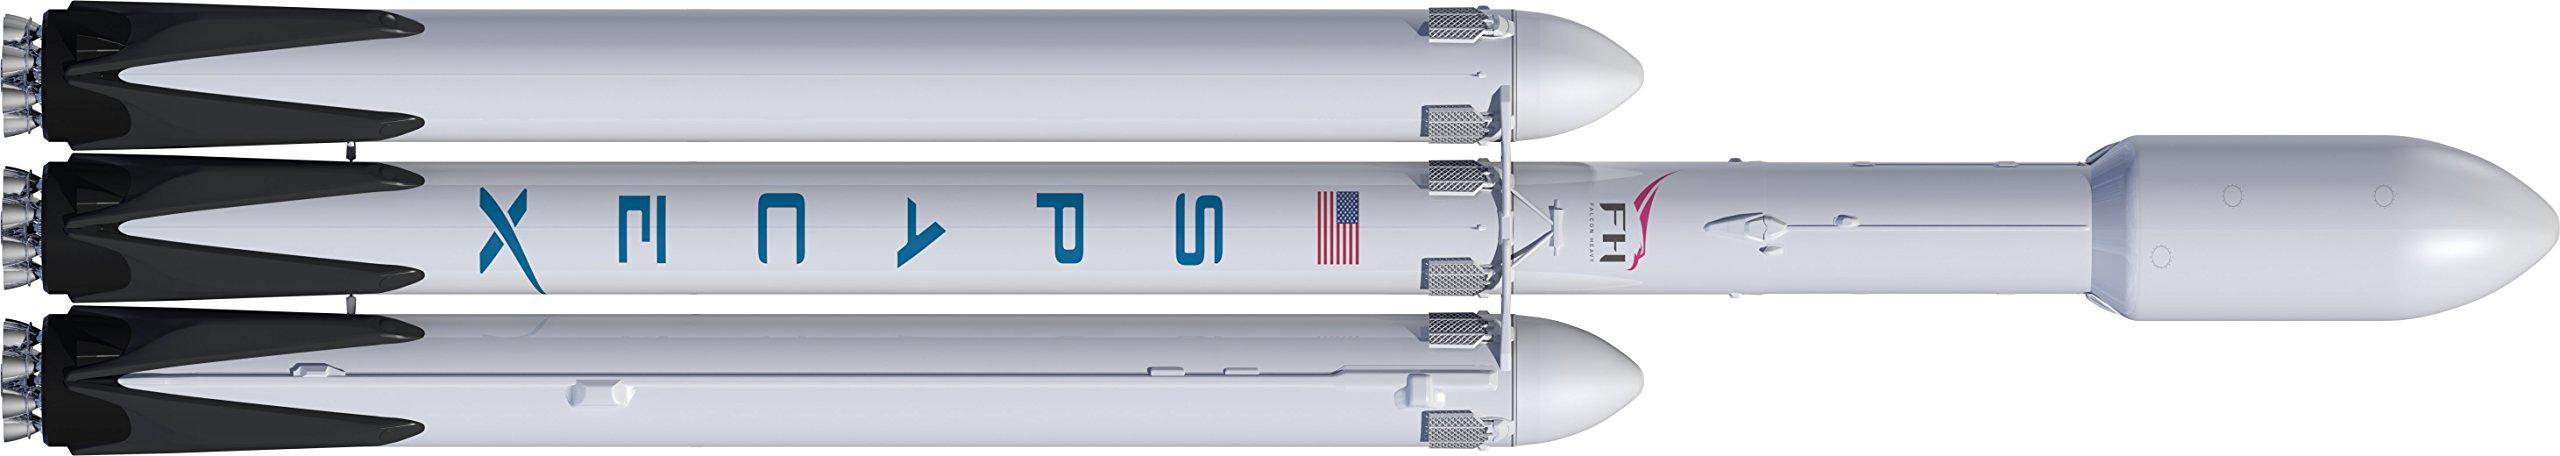 Dr Zooch Flying Model Rocket Kit 48 SpaceX Falcon Heavy